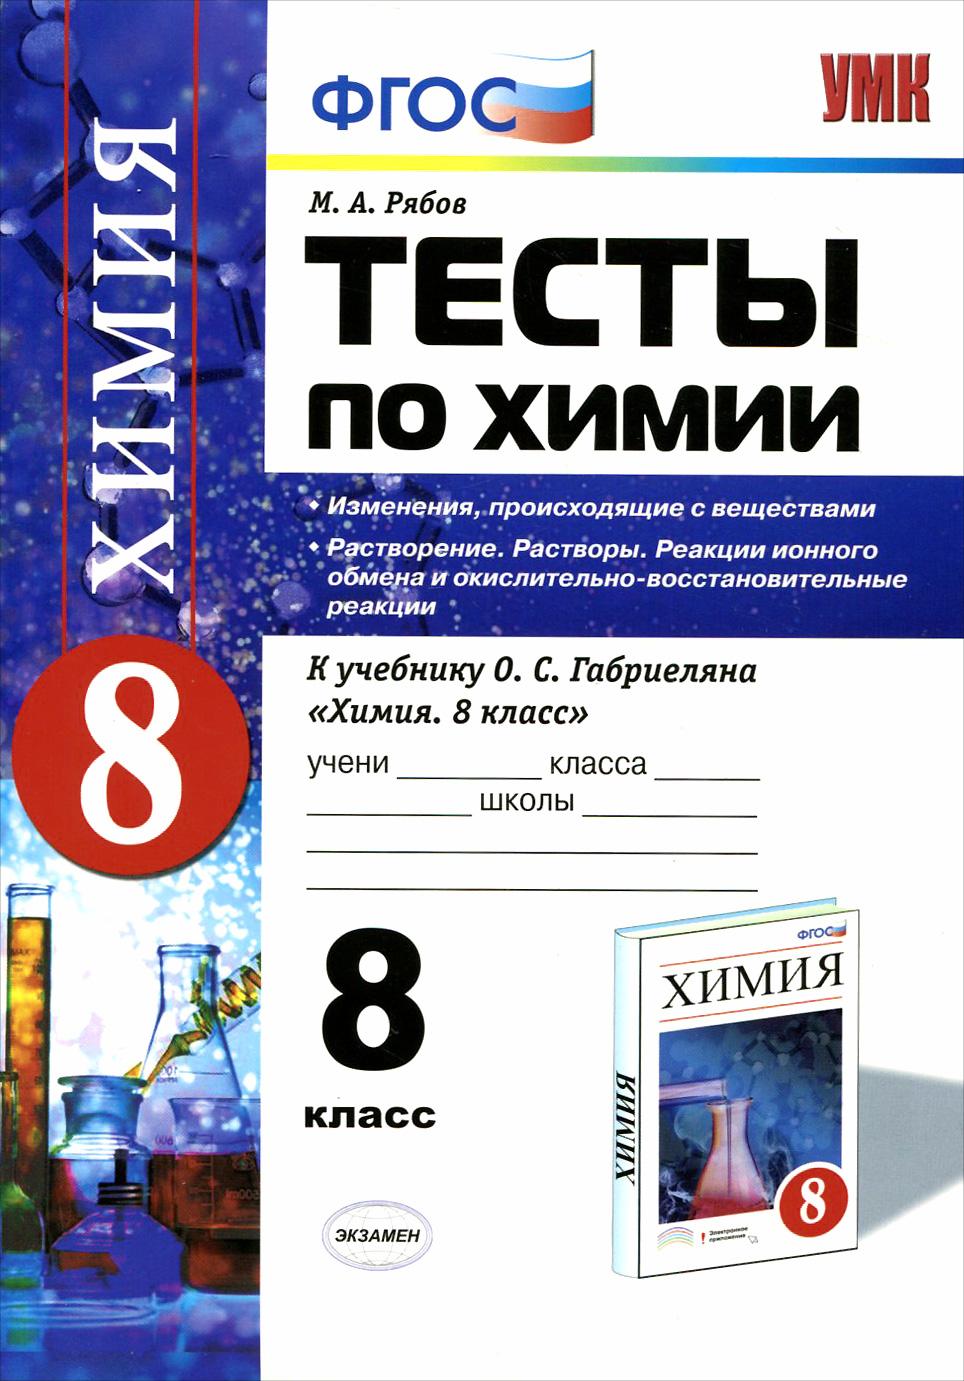 Химия. 8 класс. Тесты. К учебнику О. С. Габриеляна ( 978-5-377-09181-3 )